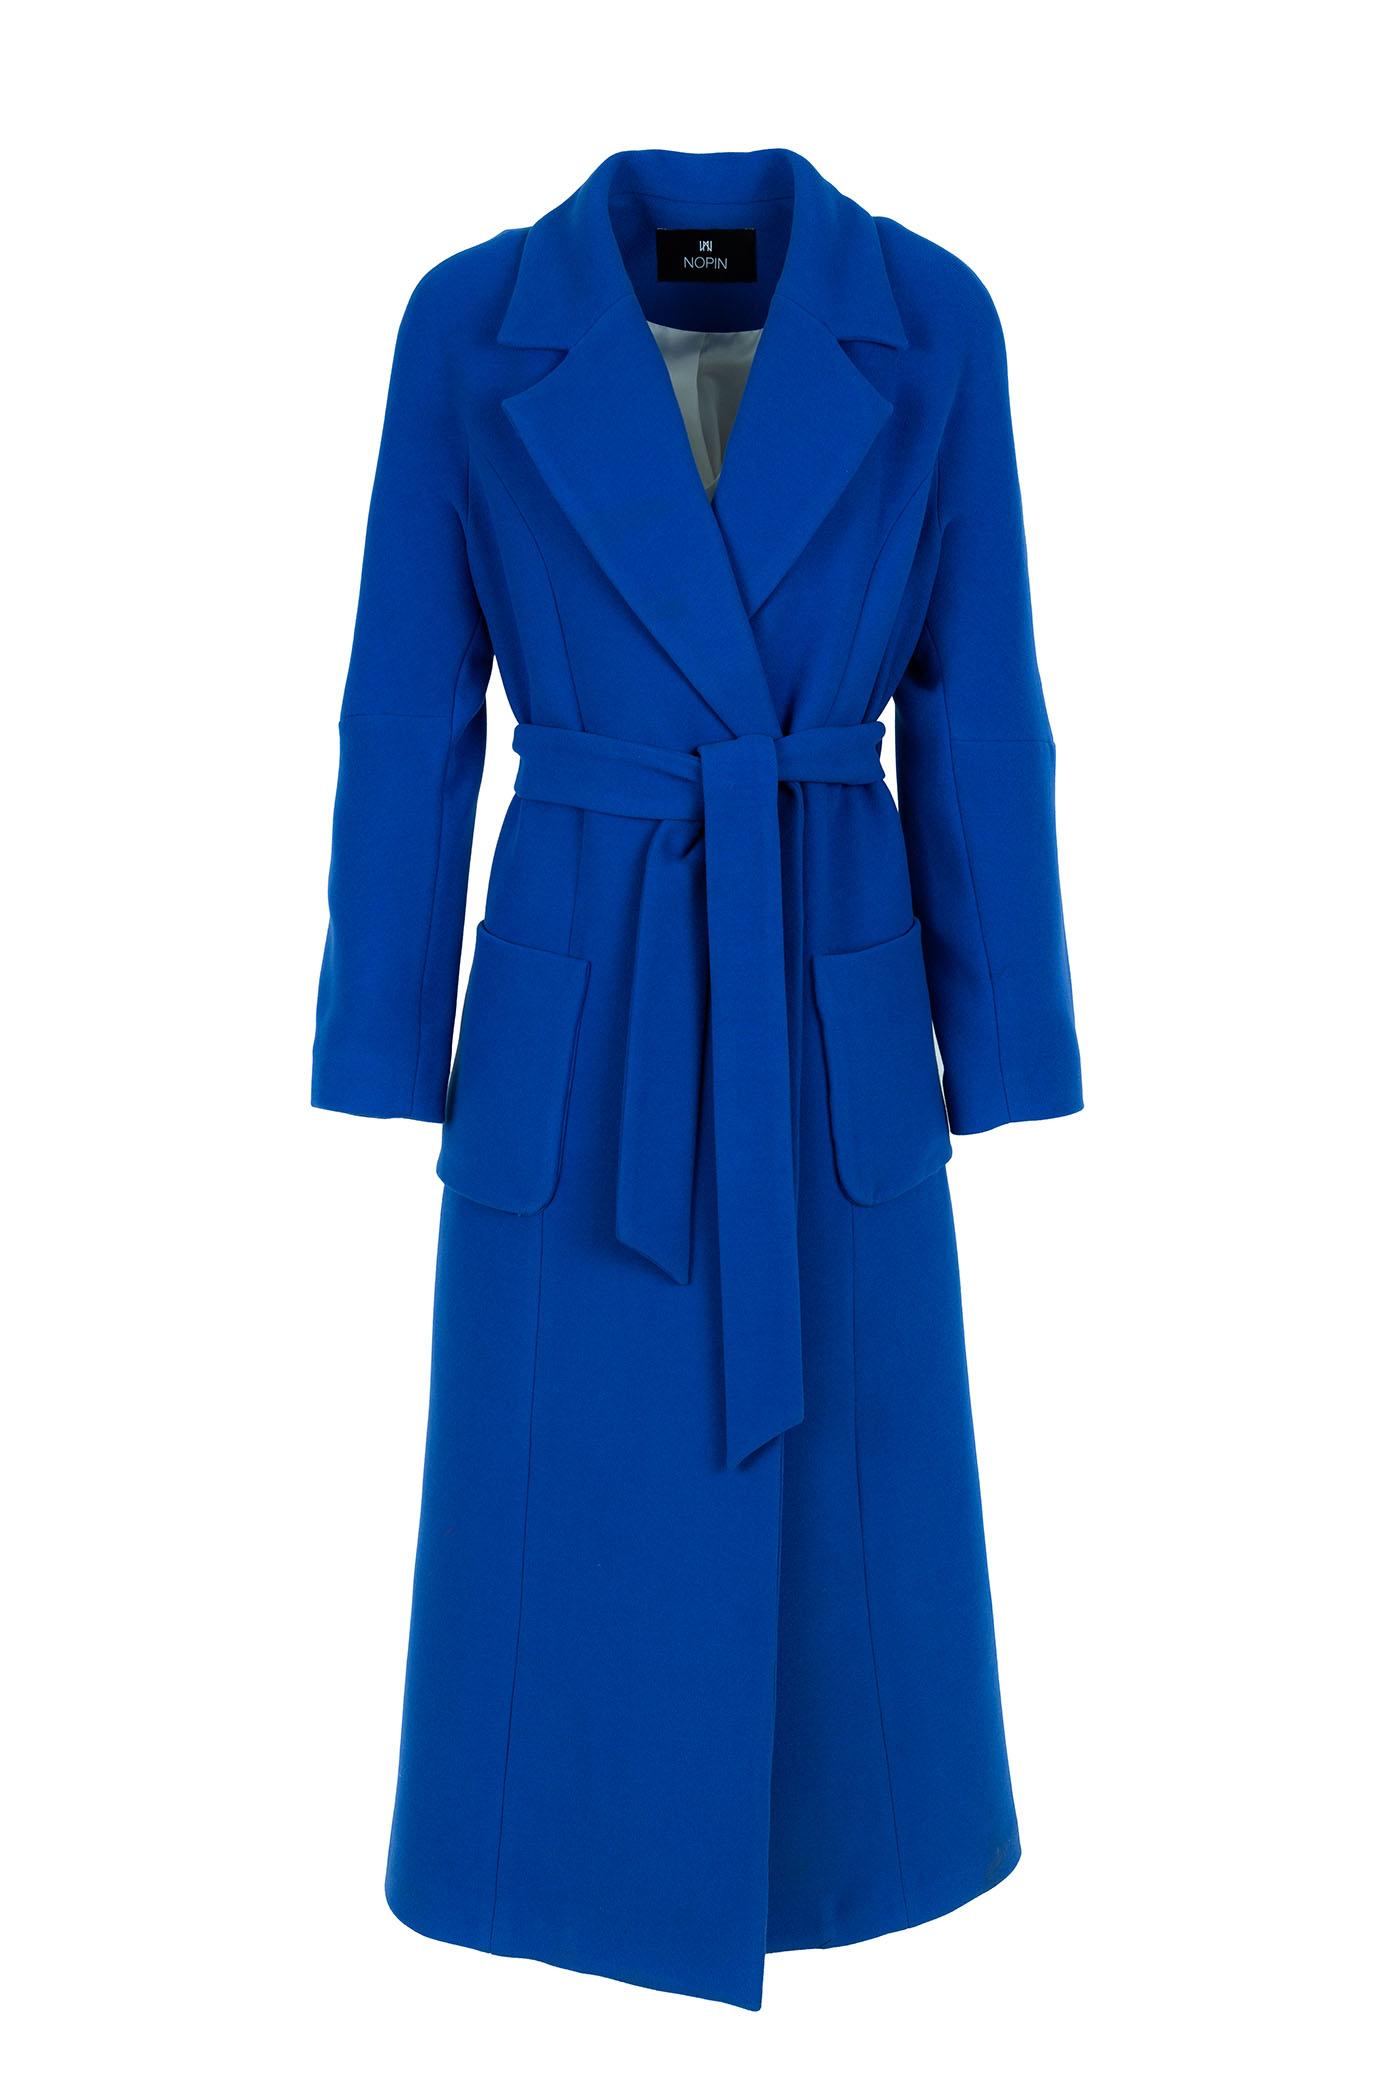 Nopin Blue Long Coat